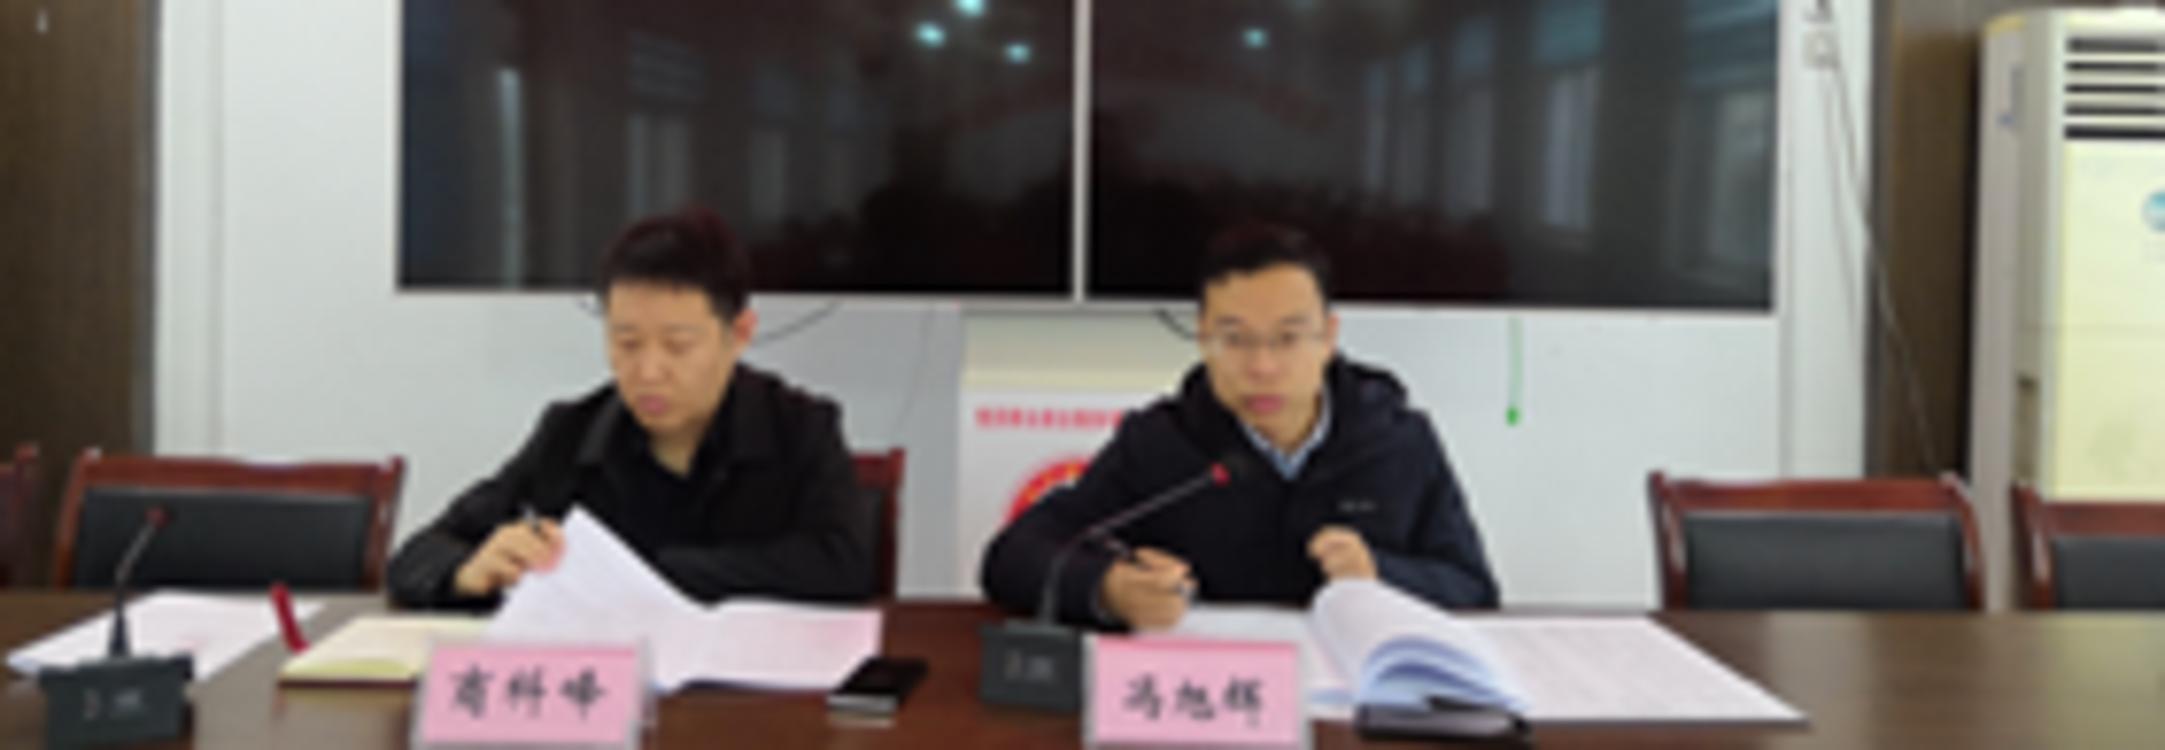 宝丰县观音堂示范区召开2021年防返贫监测动态调整培训会